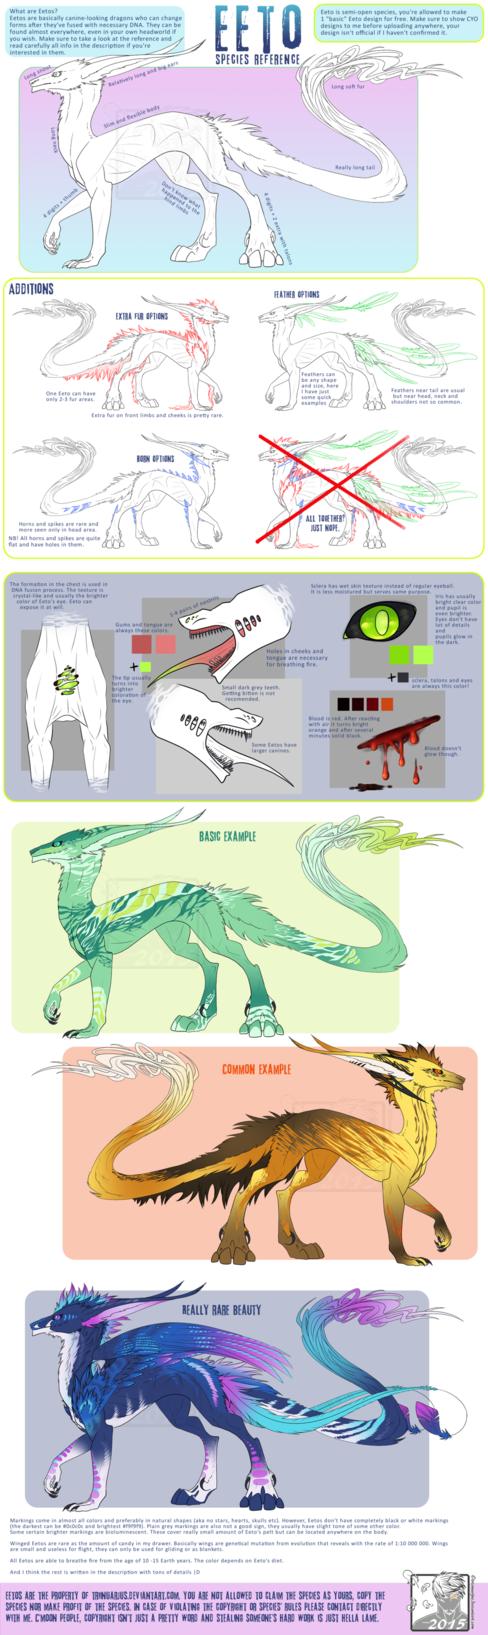 Eeto species ref vol1 by TriinuArjus.deviantart.com on @DeviantArt